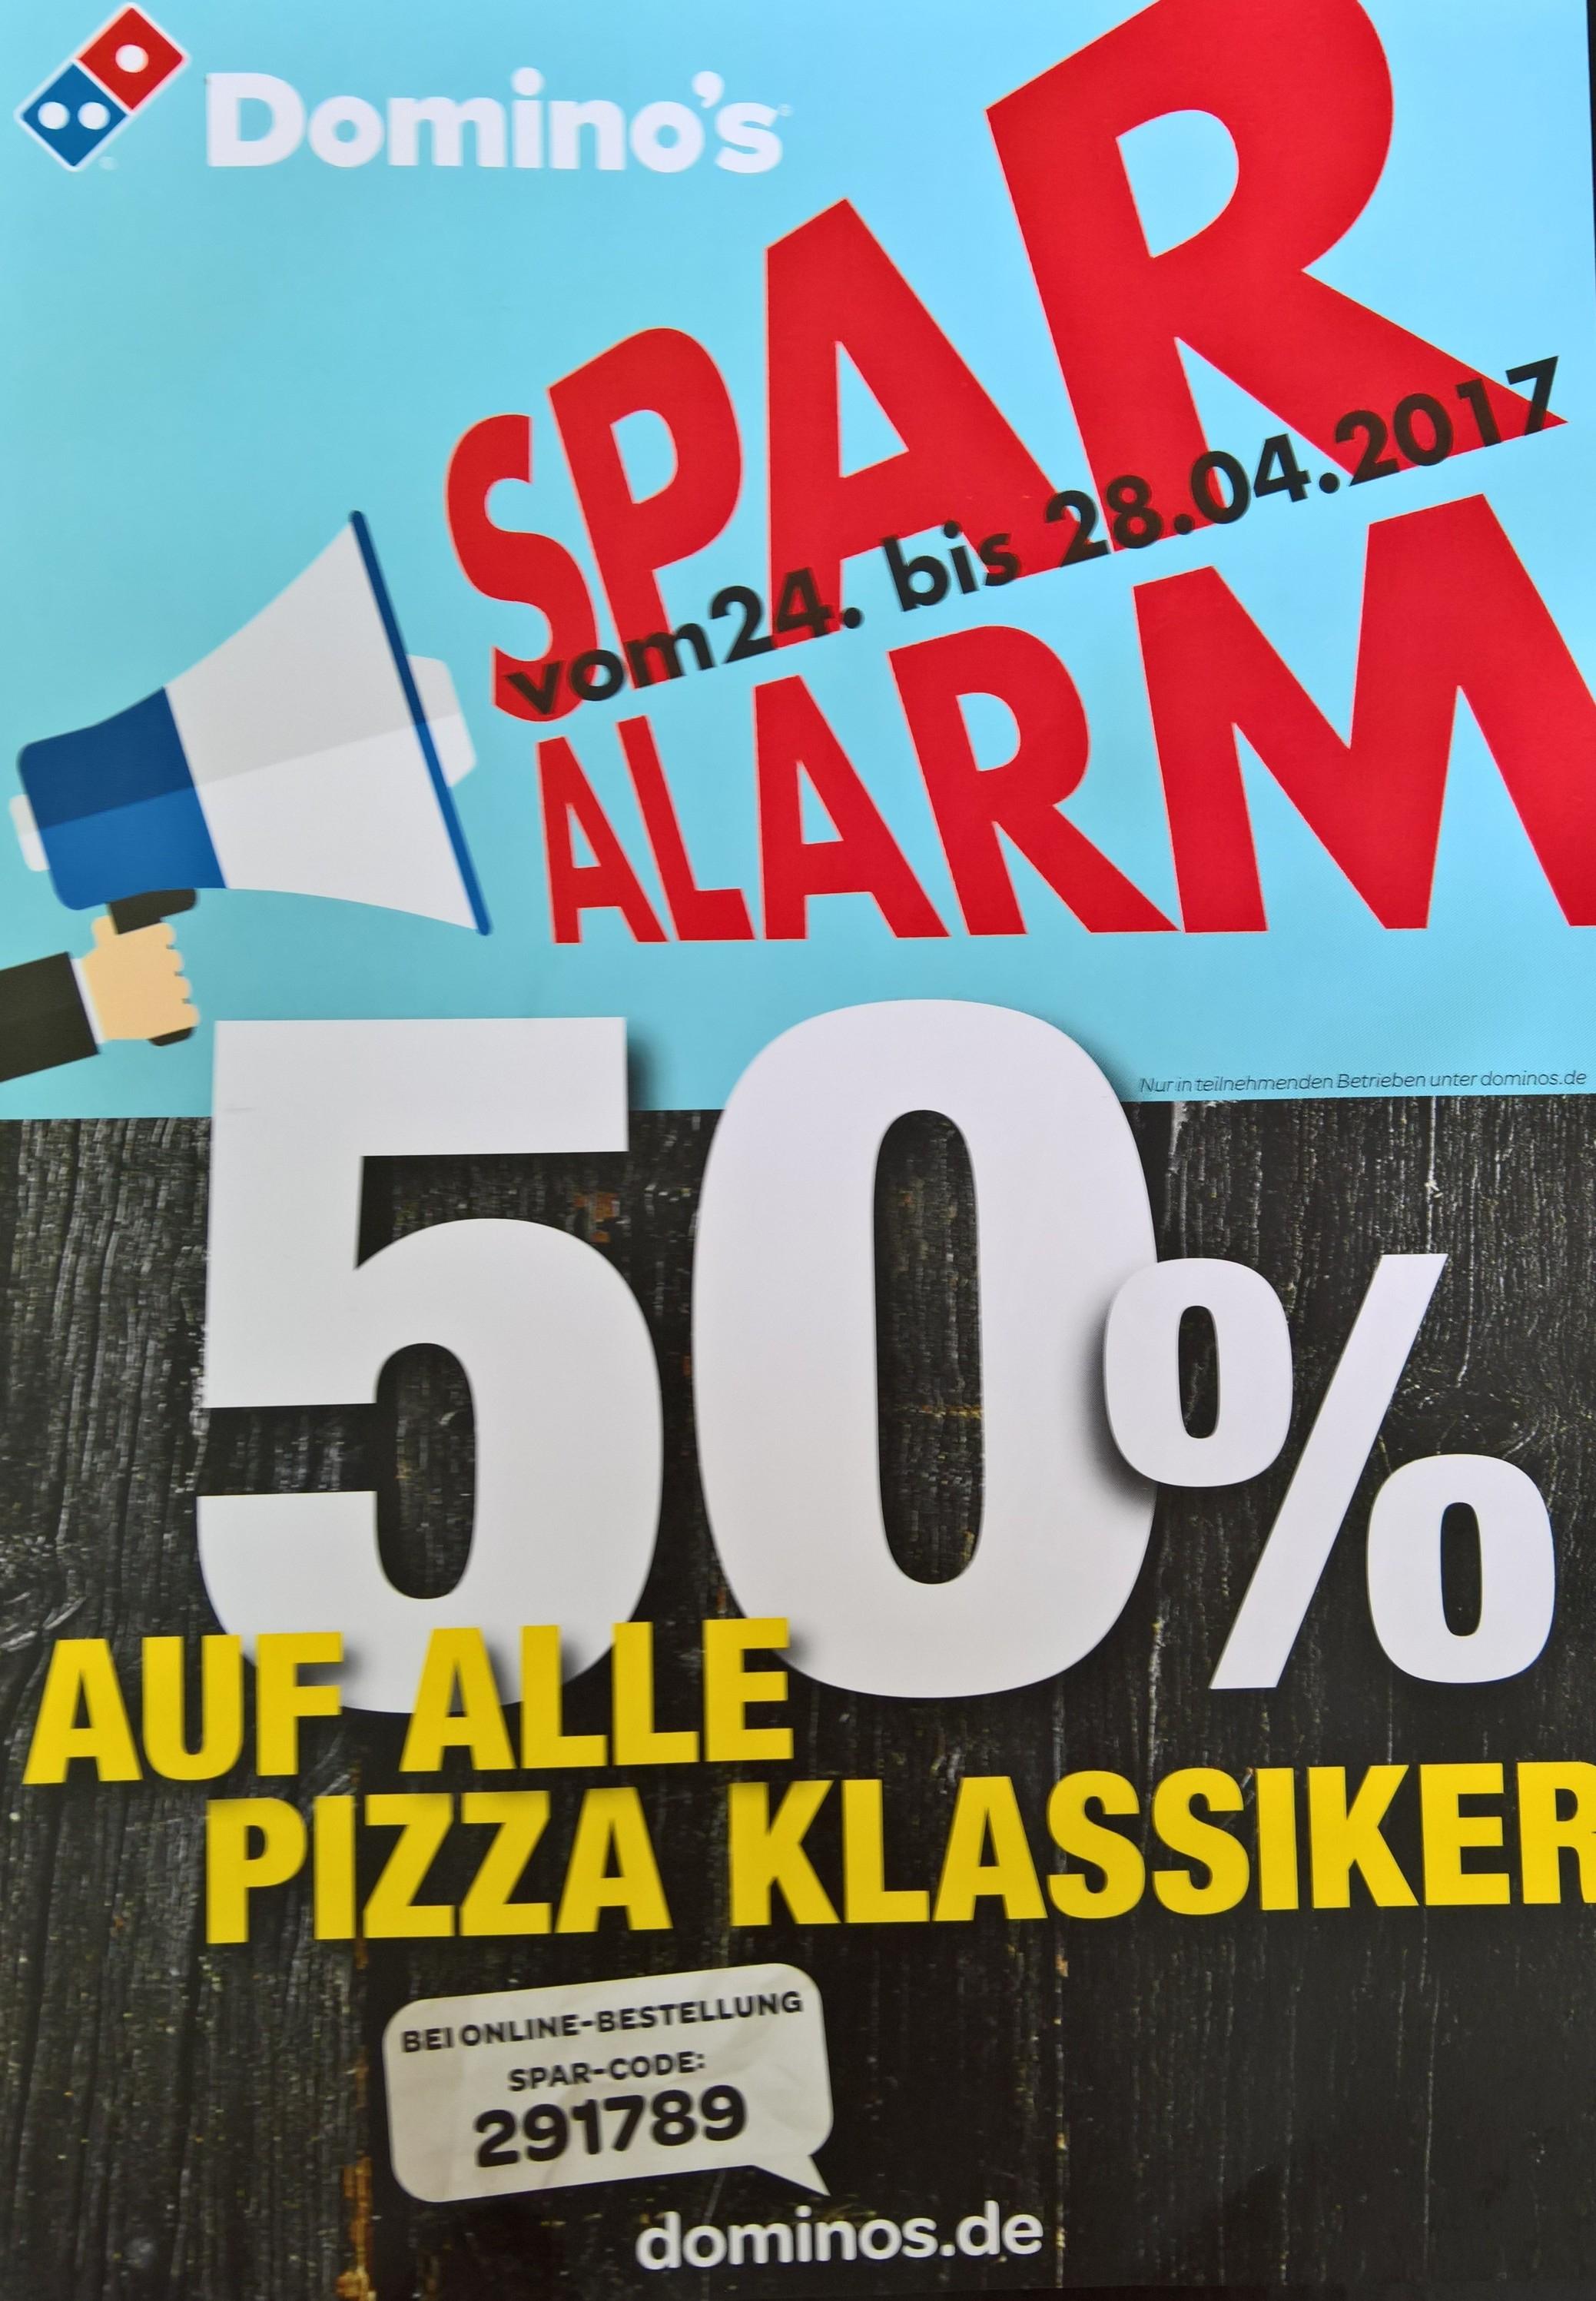 Dominos 50% auf alle Pizza Klassiker vom 24-28.04.2017